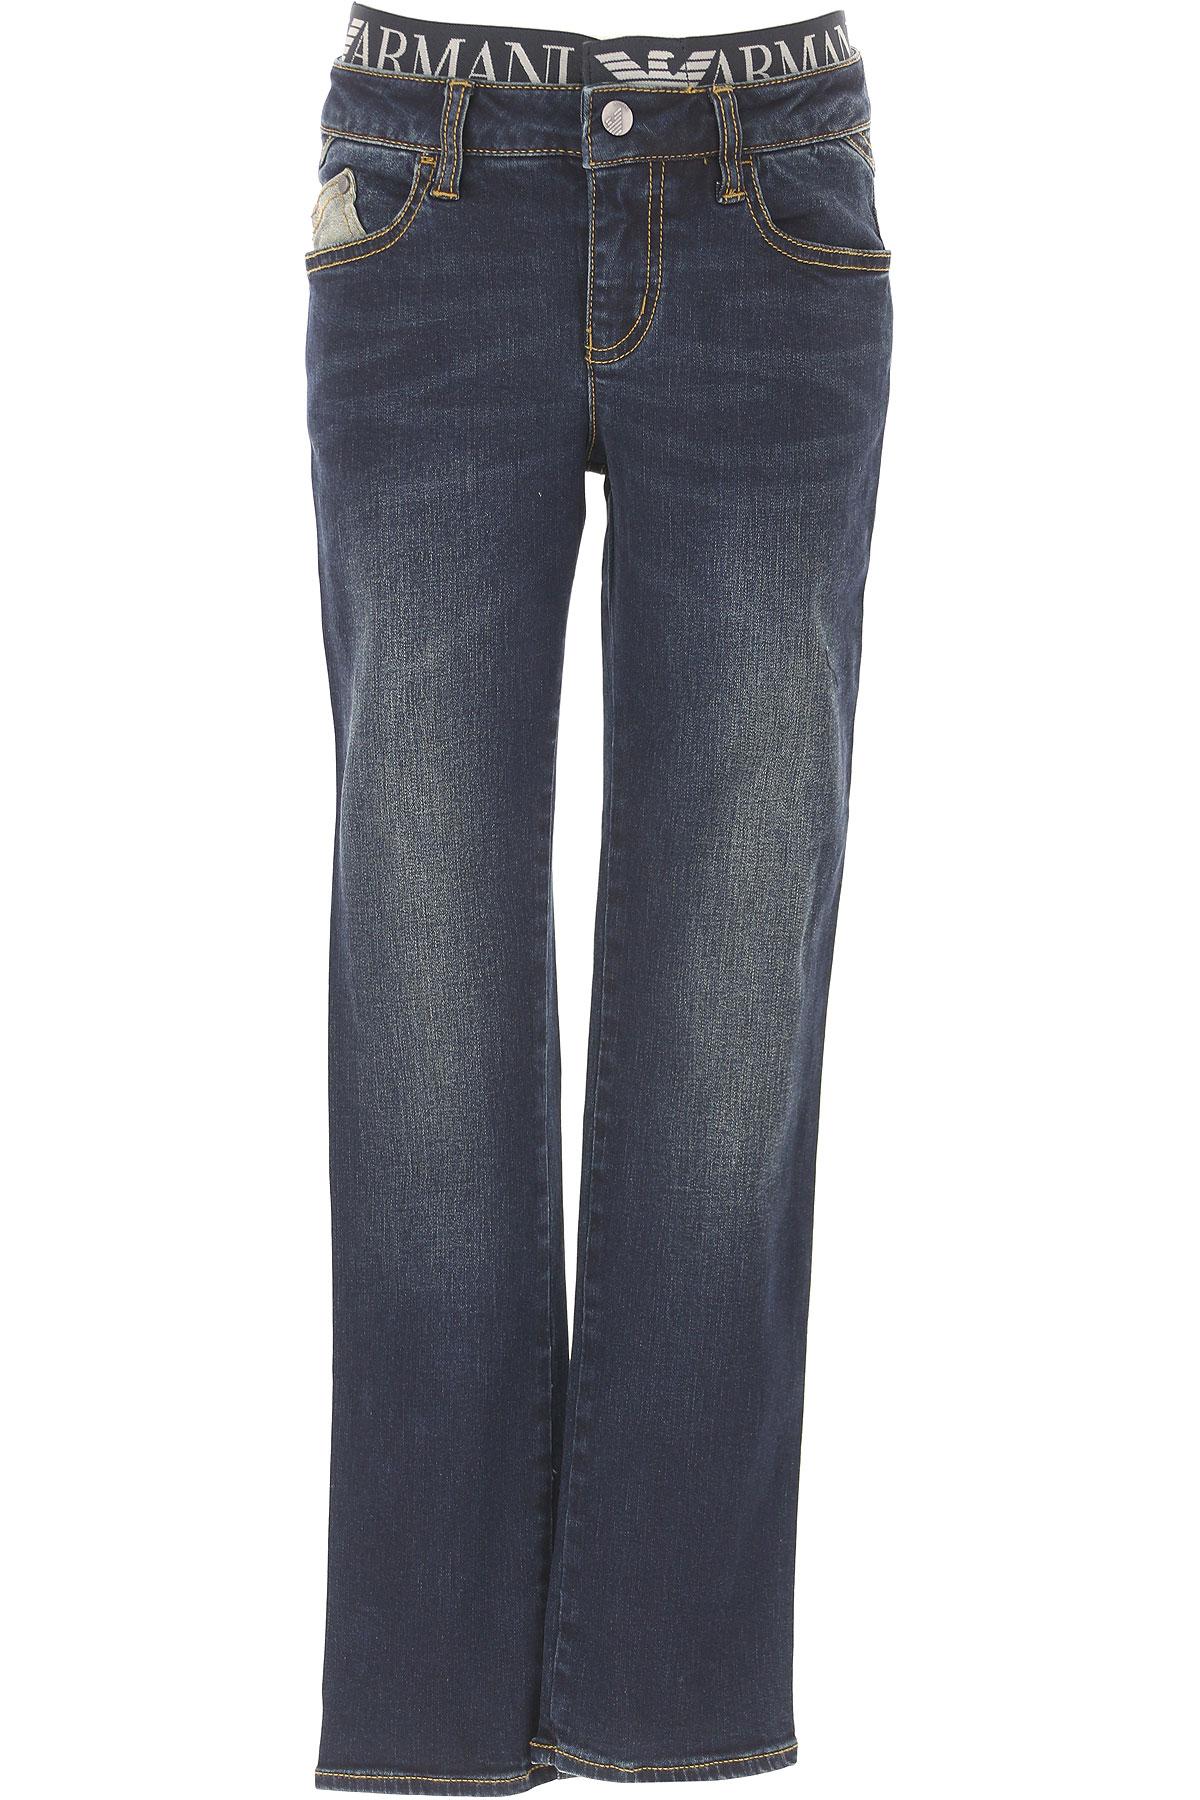 Emporio Armani Kids Jeans for Boys On Sale, dark Denim, Cotton, 2017, 10Y 4Y 8Y 9Y USA-422351